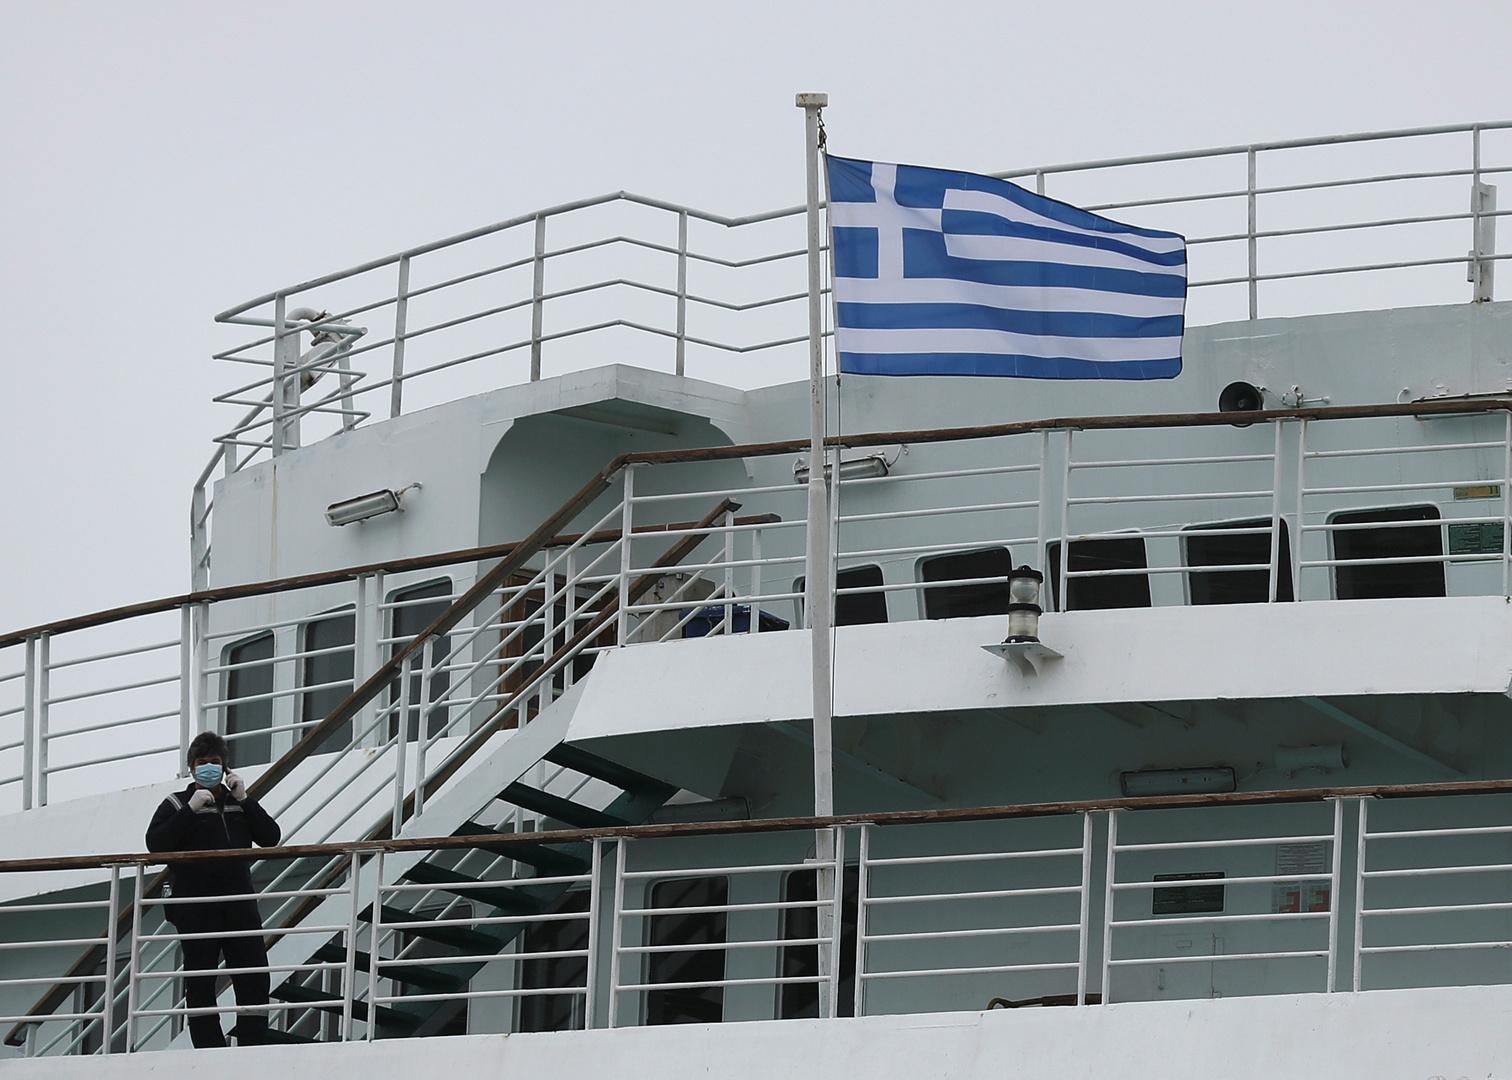 المتحدث باسم الحكومة اليونانية يكشف عن شرط أثينا لإجراء مفاوضات مع أنقرة